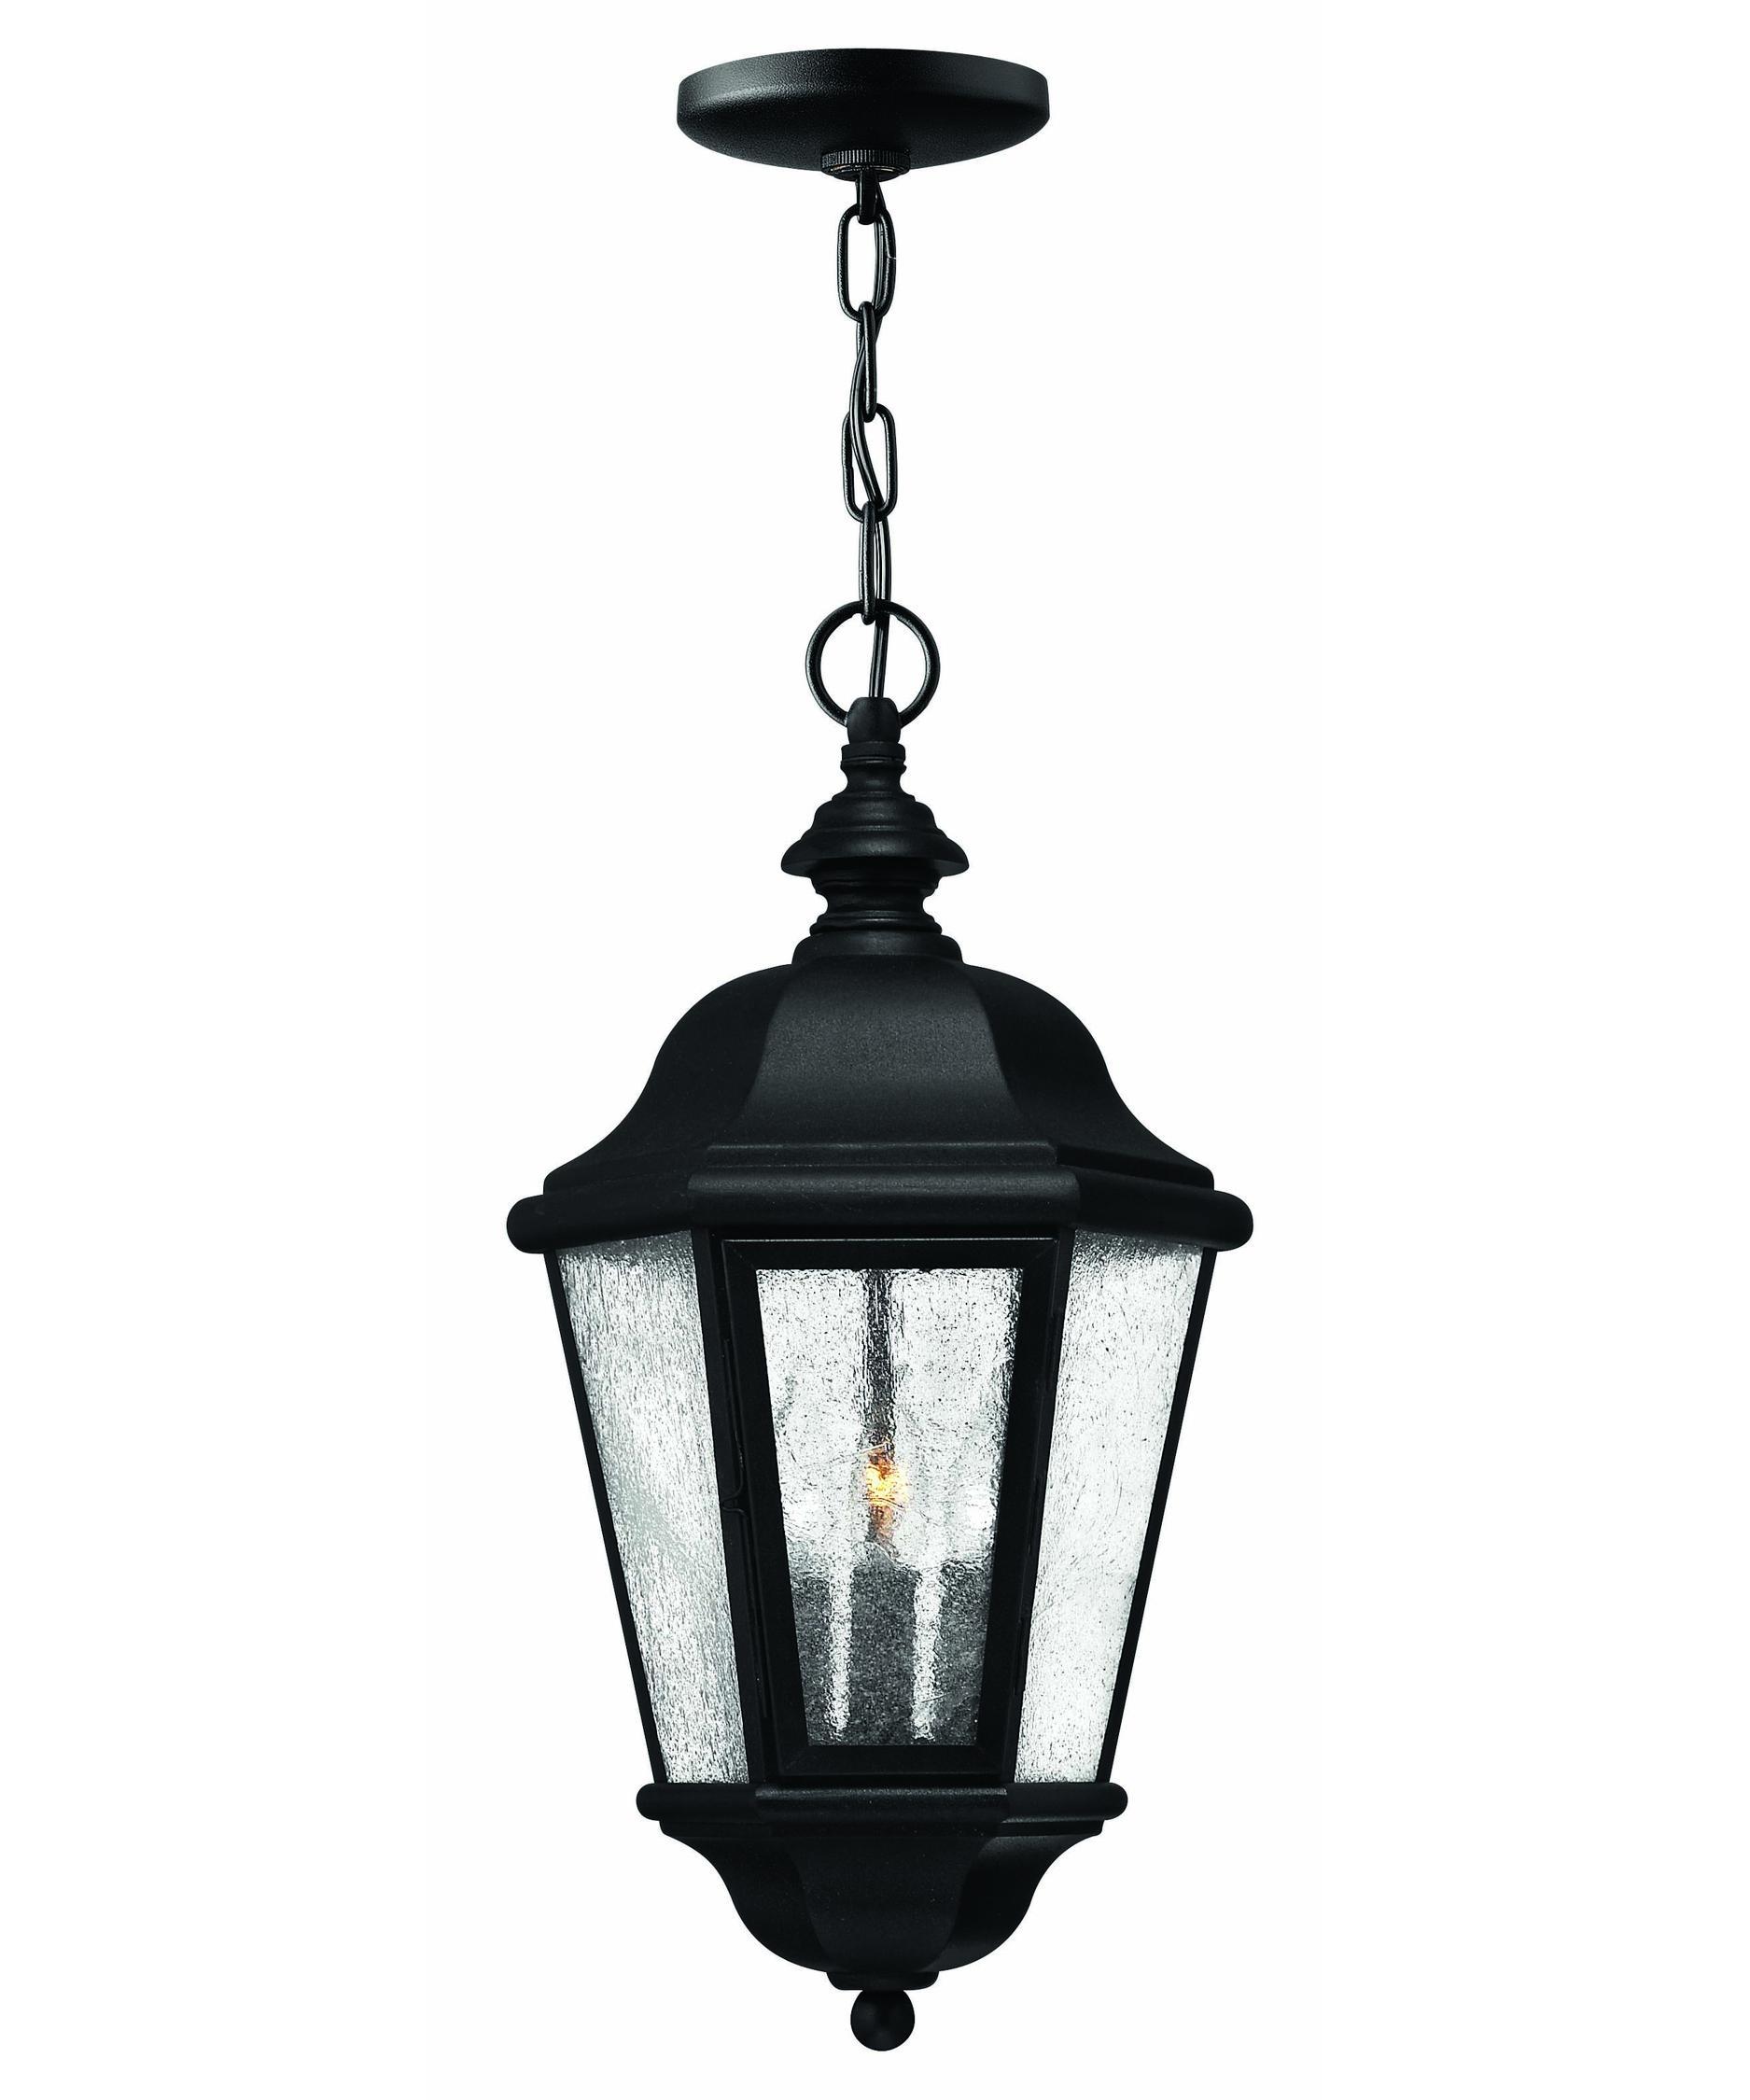 Hinkley Lighting 1672 Edgewater 10 Inch Wide 3 Light Outdoor For Regarding Outdoor Lighting Pendant Fixtures (View 4 of 15)